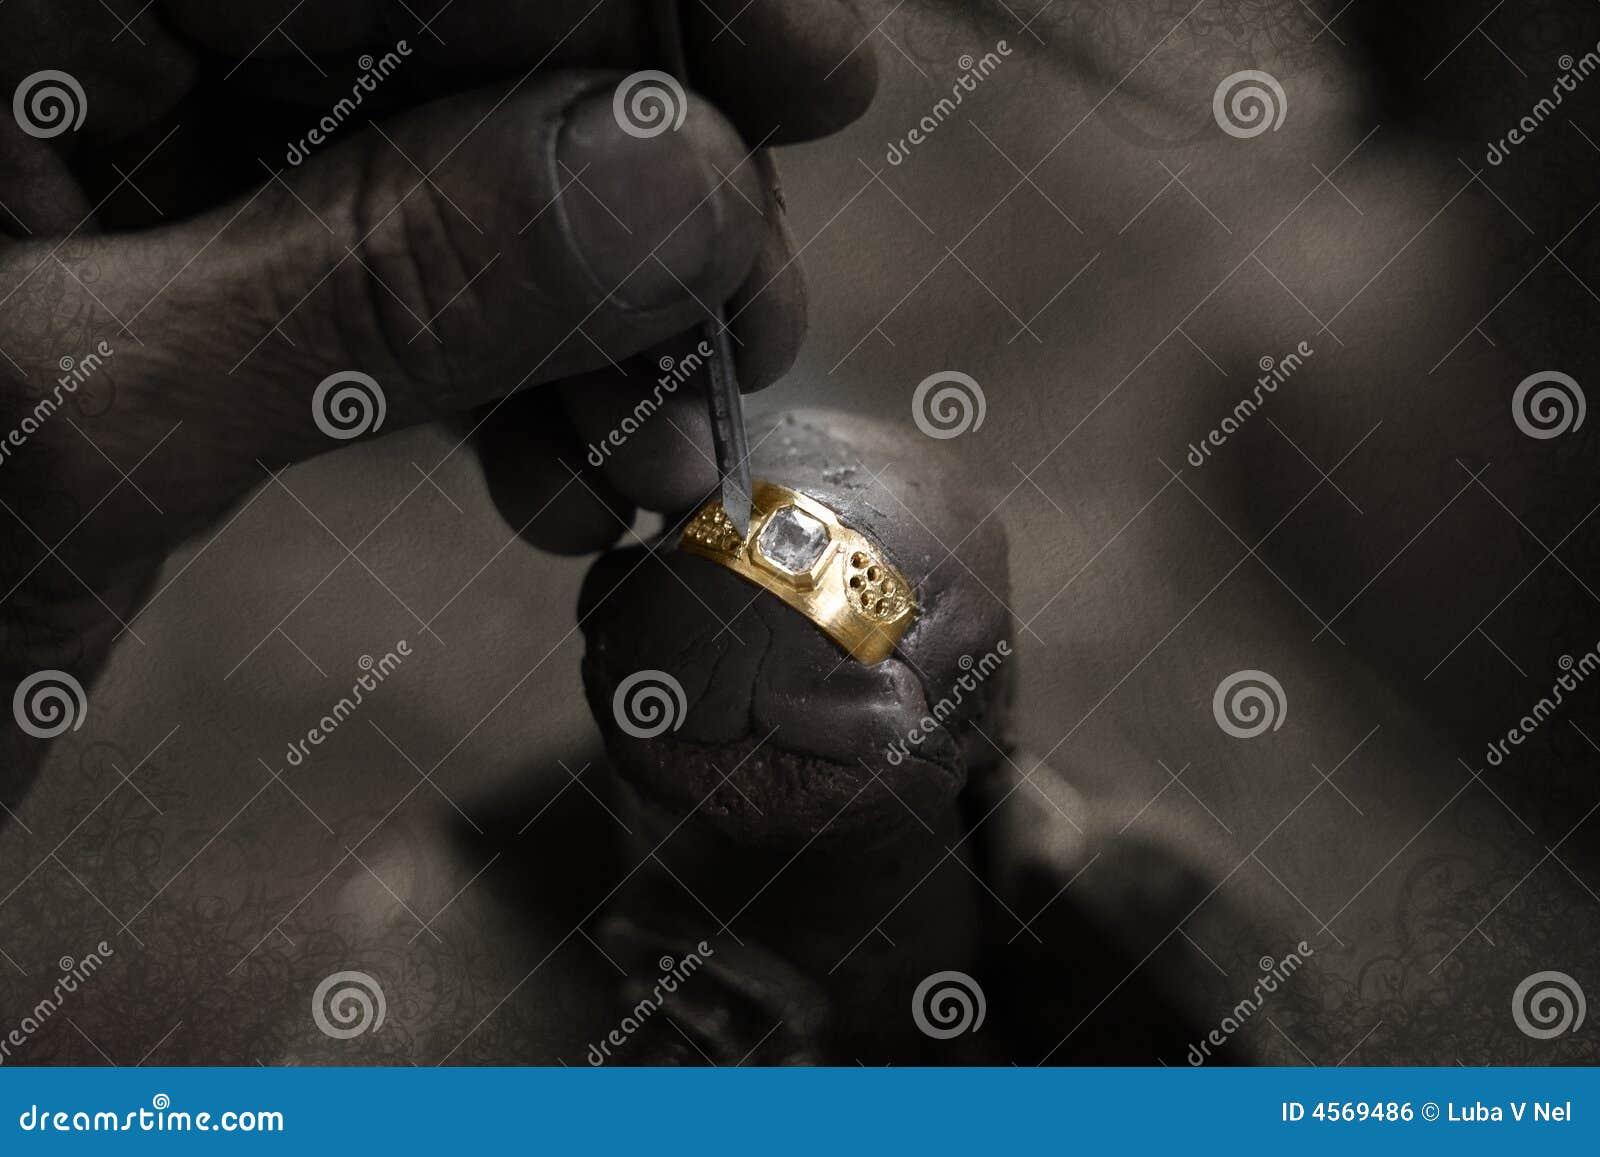 Goldschmied und Diamantring